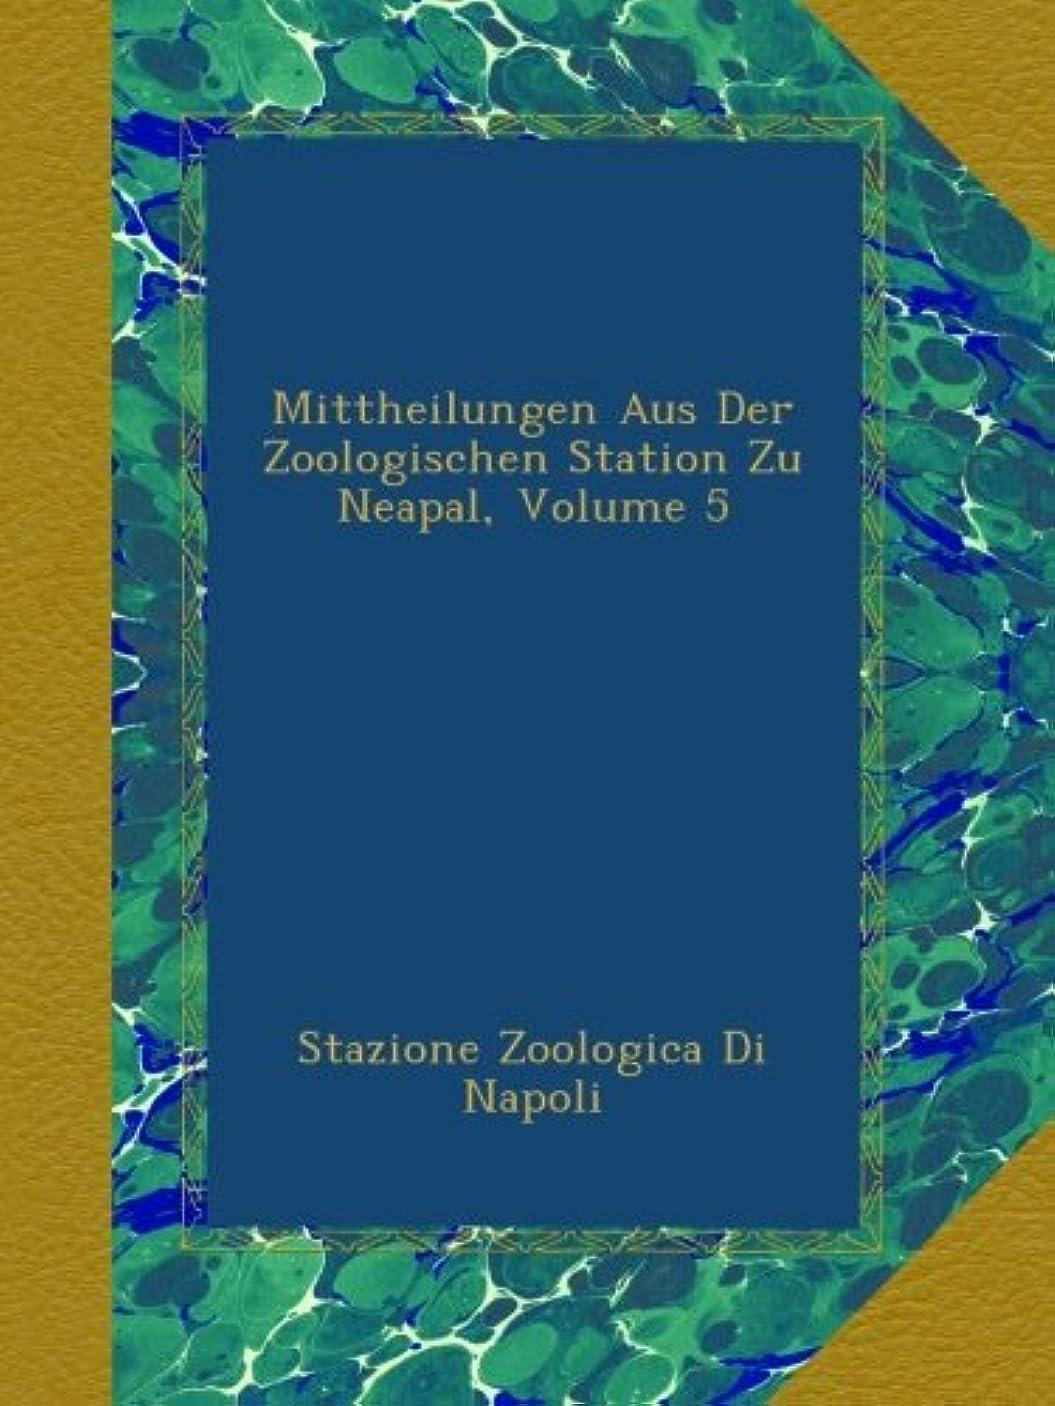 おじいちゃん放出最終的にMittheilungen Aus Der Zoologischen Station Zu Neapal, Volume 5